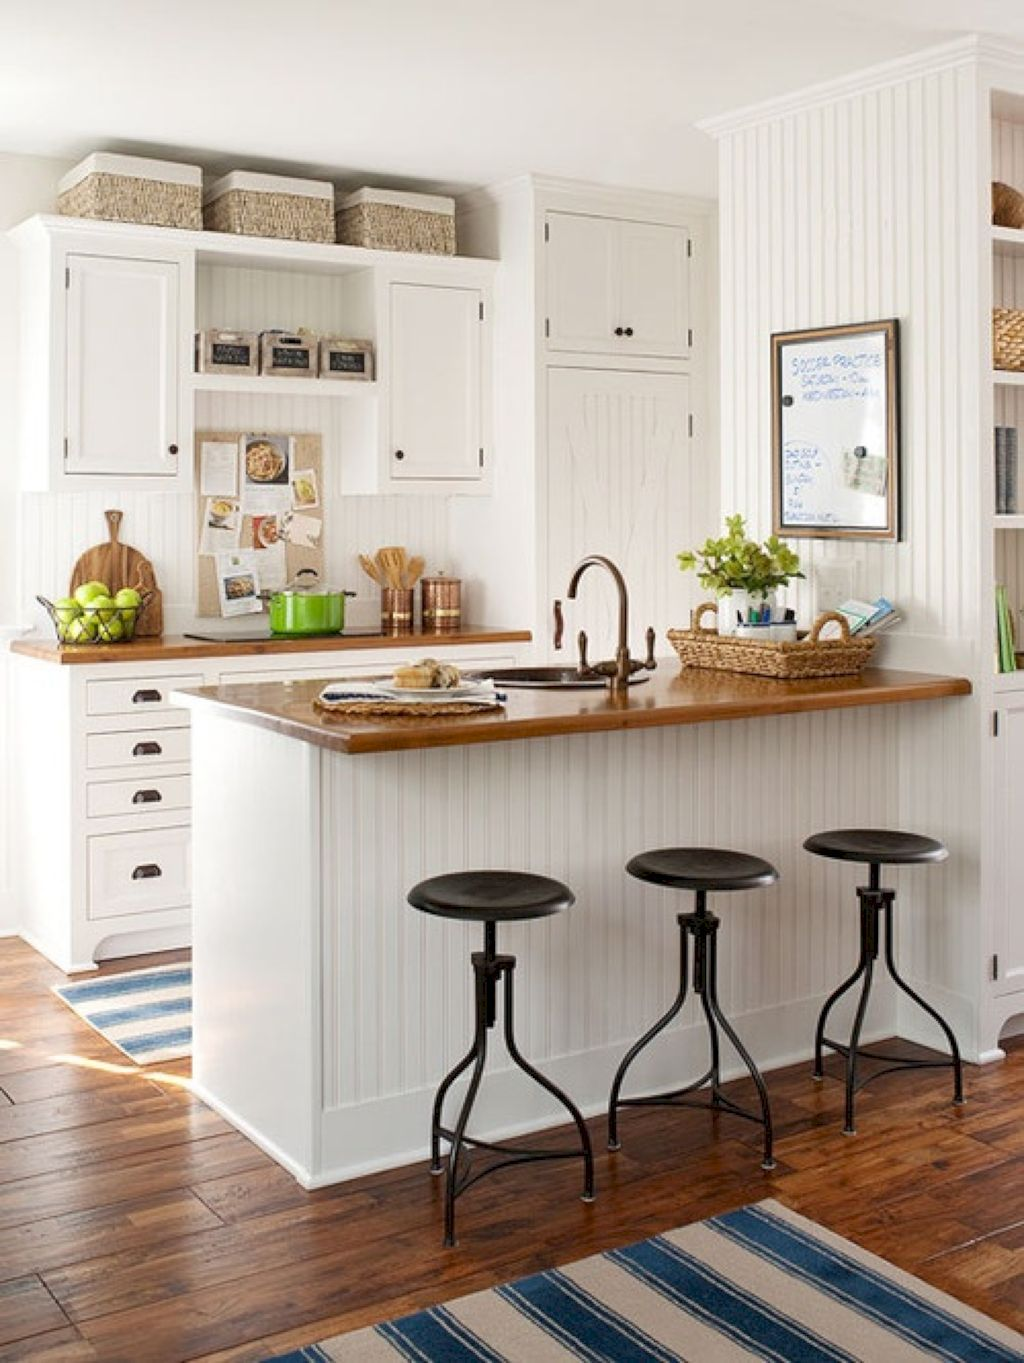 Best kitchen design ideas 2.jpg